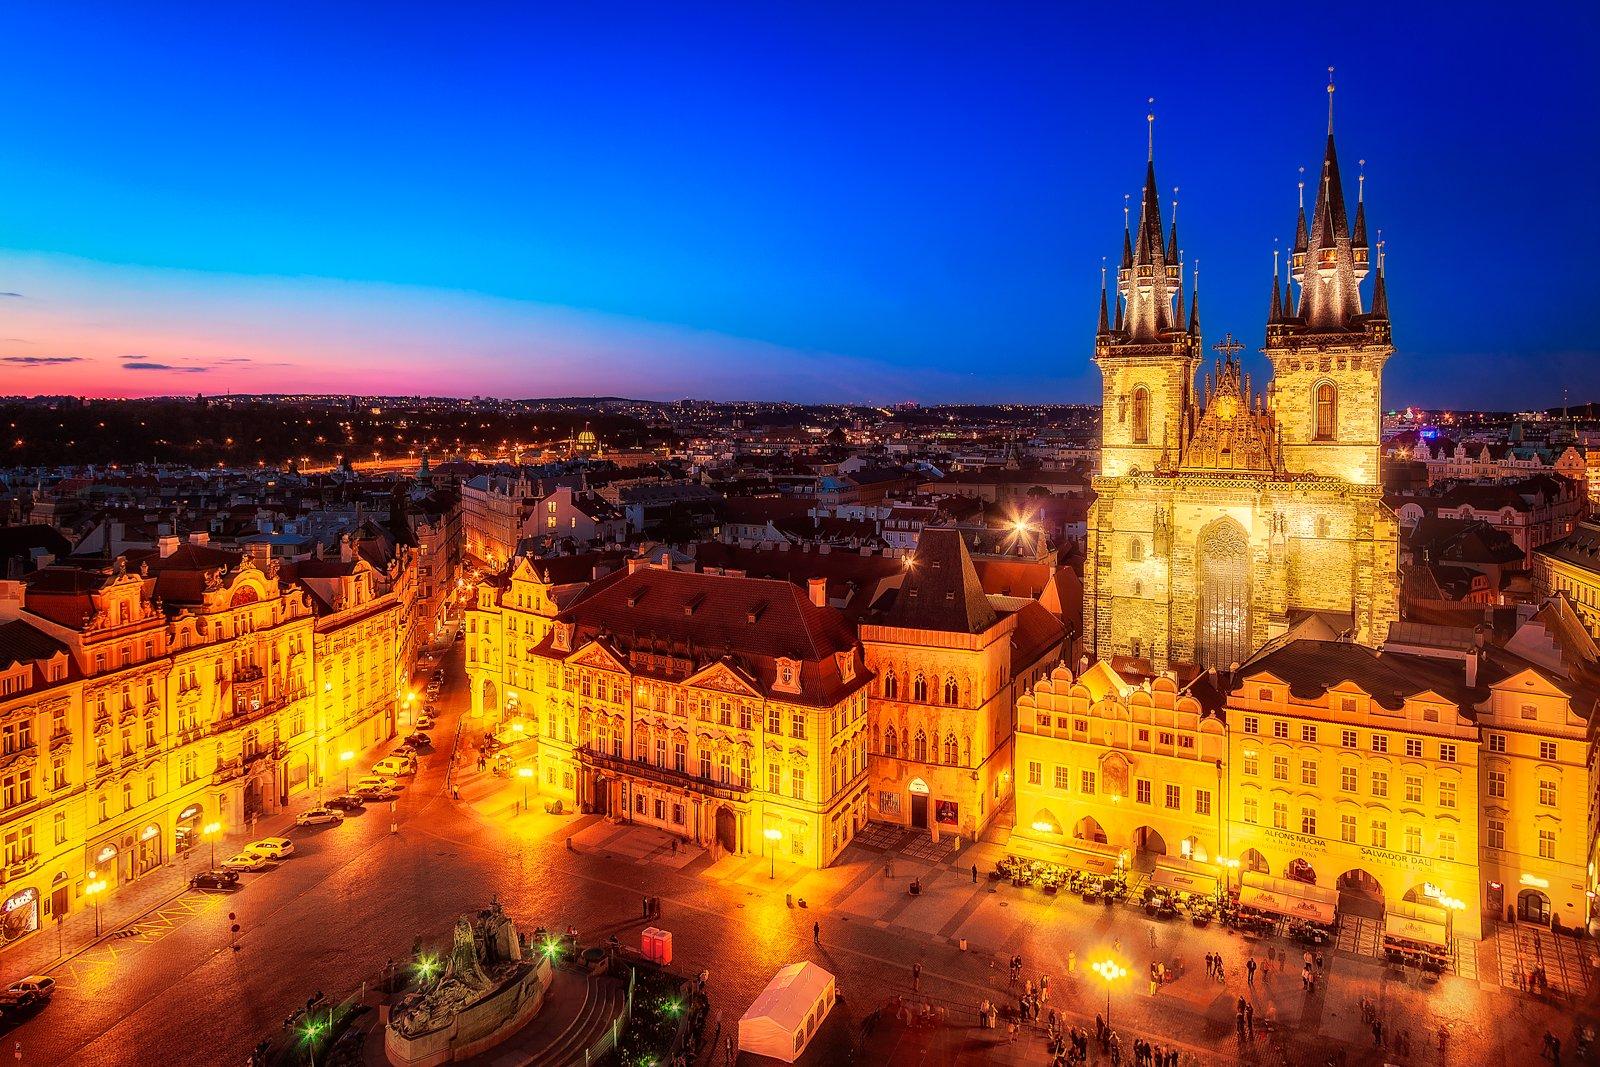 Het oude stadsplein met de Onze-Lieve-Vrouwekerk voor Tyn in Praag, Tsjechië, 's nachts.